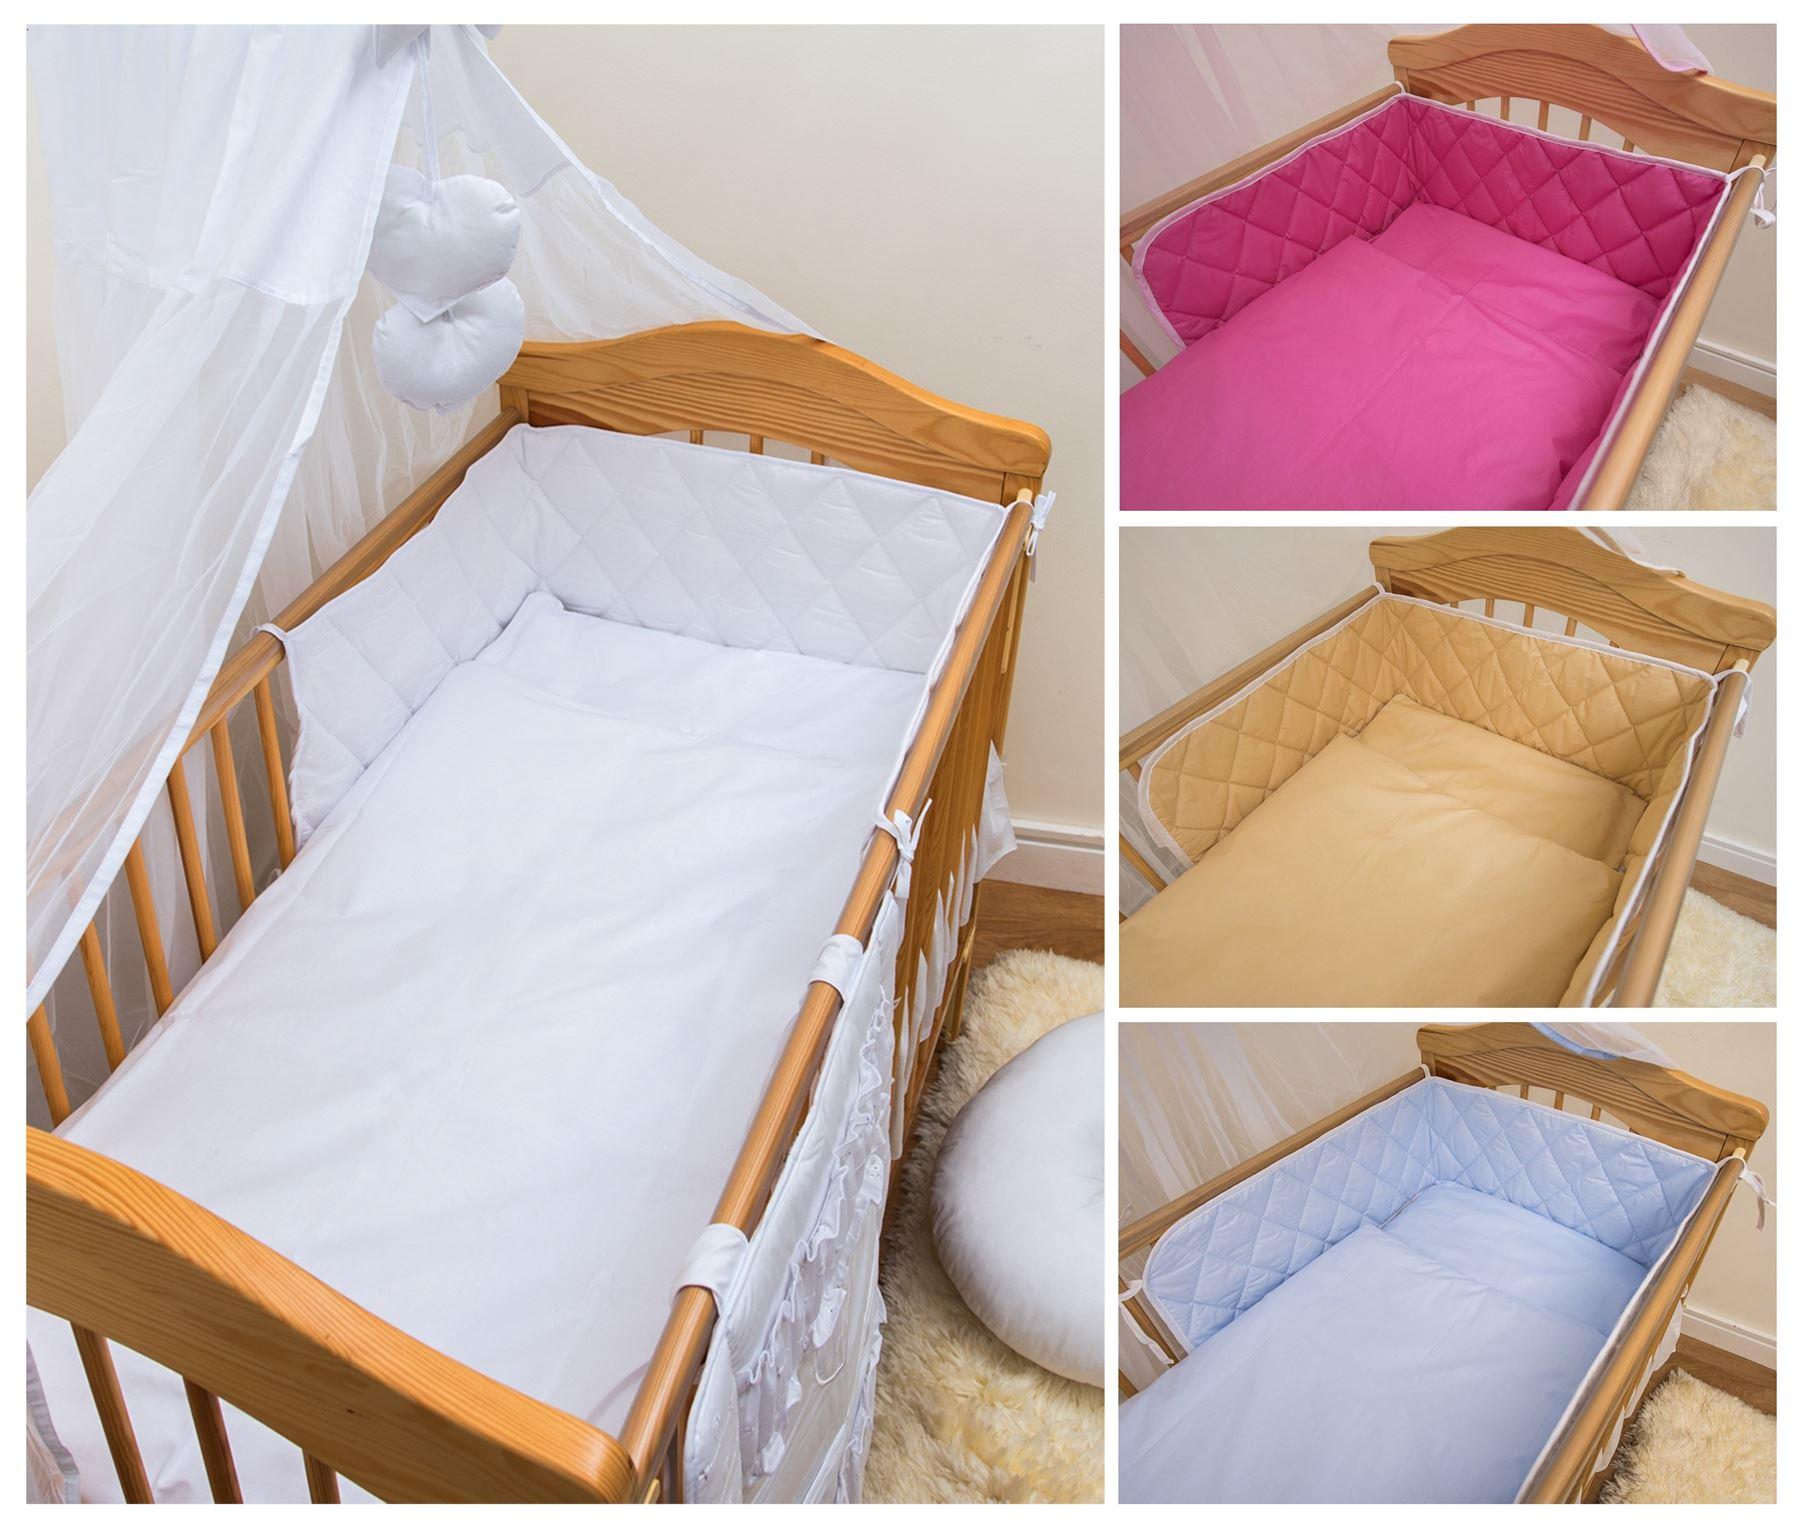 babywiege nestchen nestchen fr babywiege x cm wei mit grauen sternen with babywiege nestchen. Black Bedroom Furniture Sets. Home Design Ideas